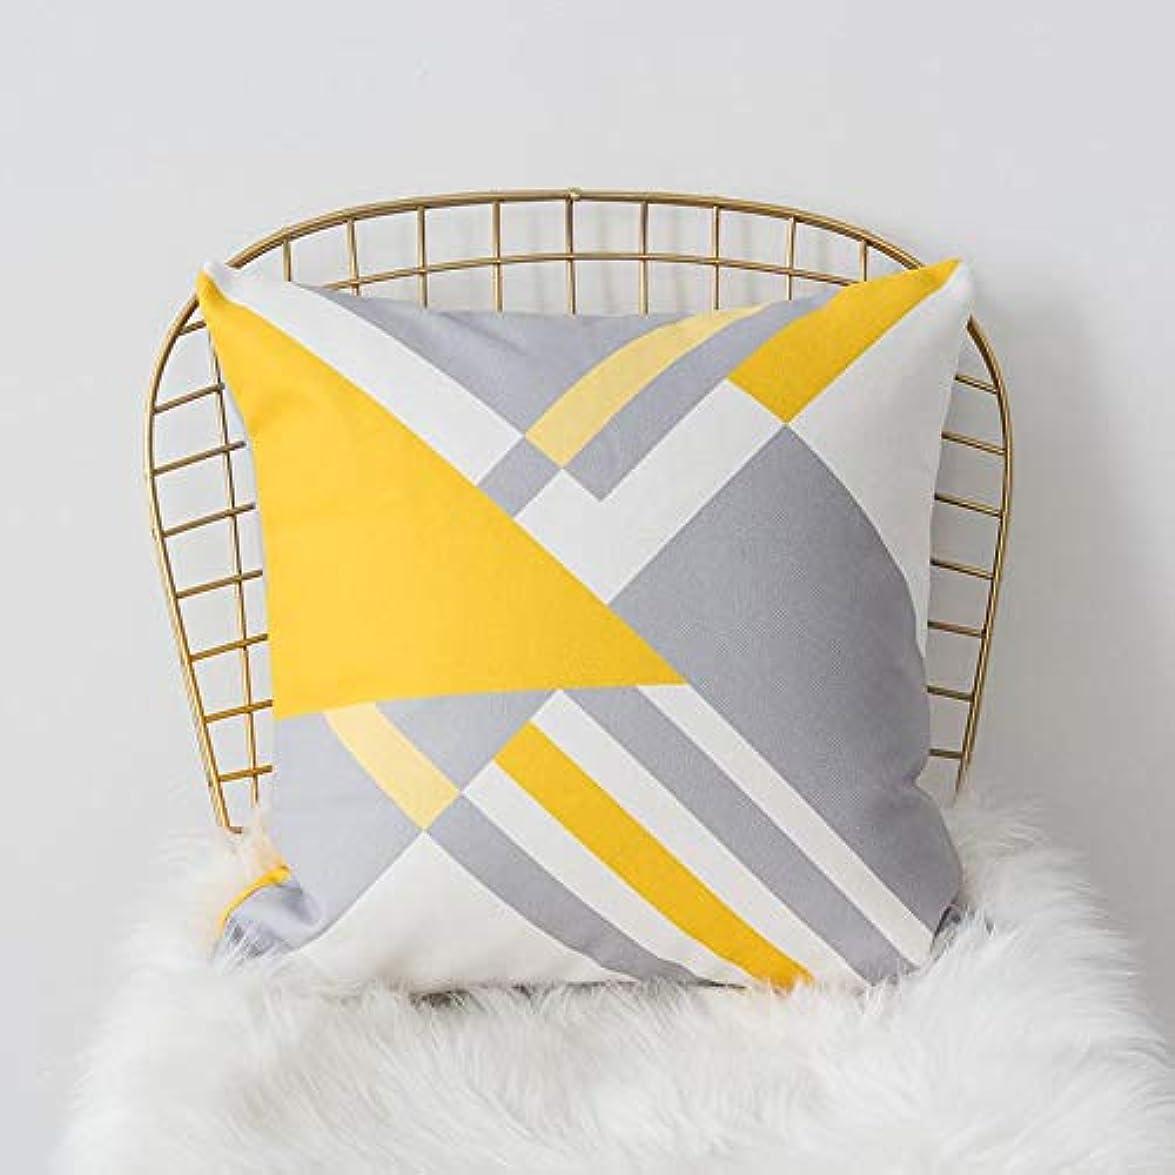 恐れる起きろ増強するSMART 黄色グレー枕北欧スタイル黄色ヘラジカ幾何枕リビングルームのインテリアソファクッション Cojines 装飾良質 クッション 椅子